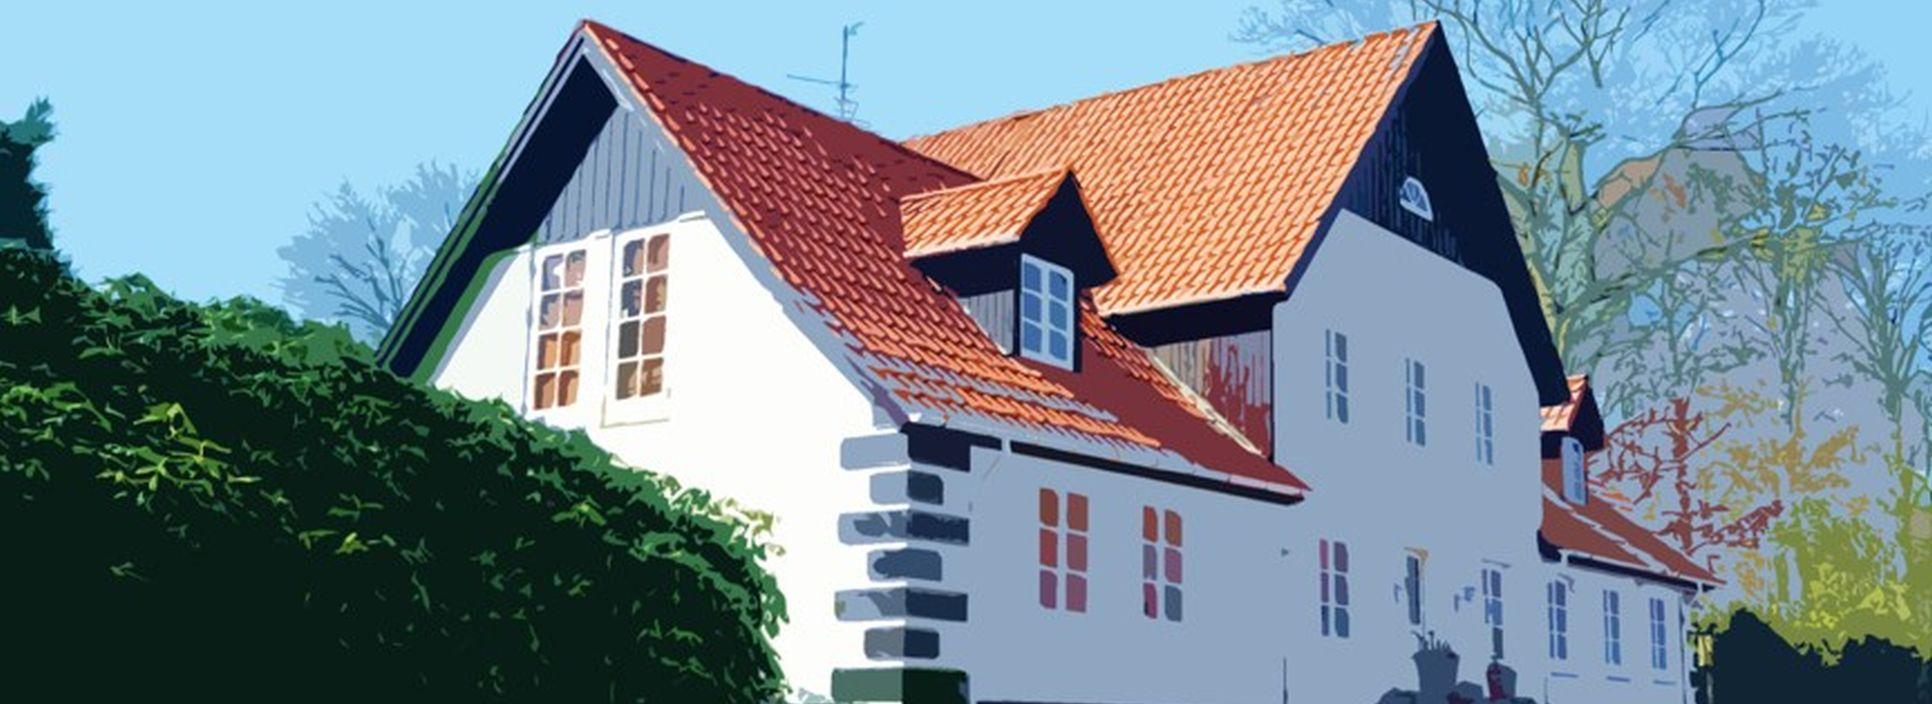 Østerskovgaard